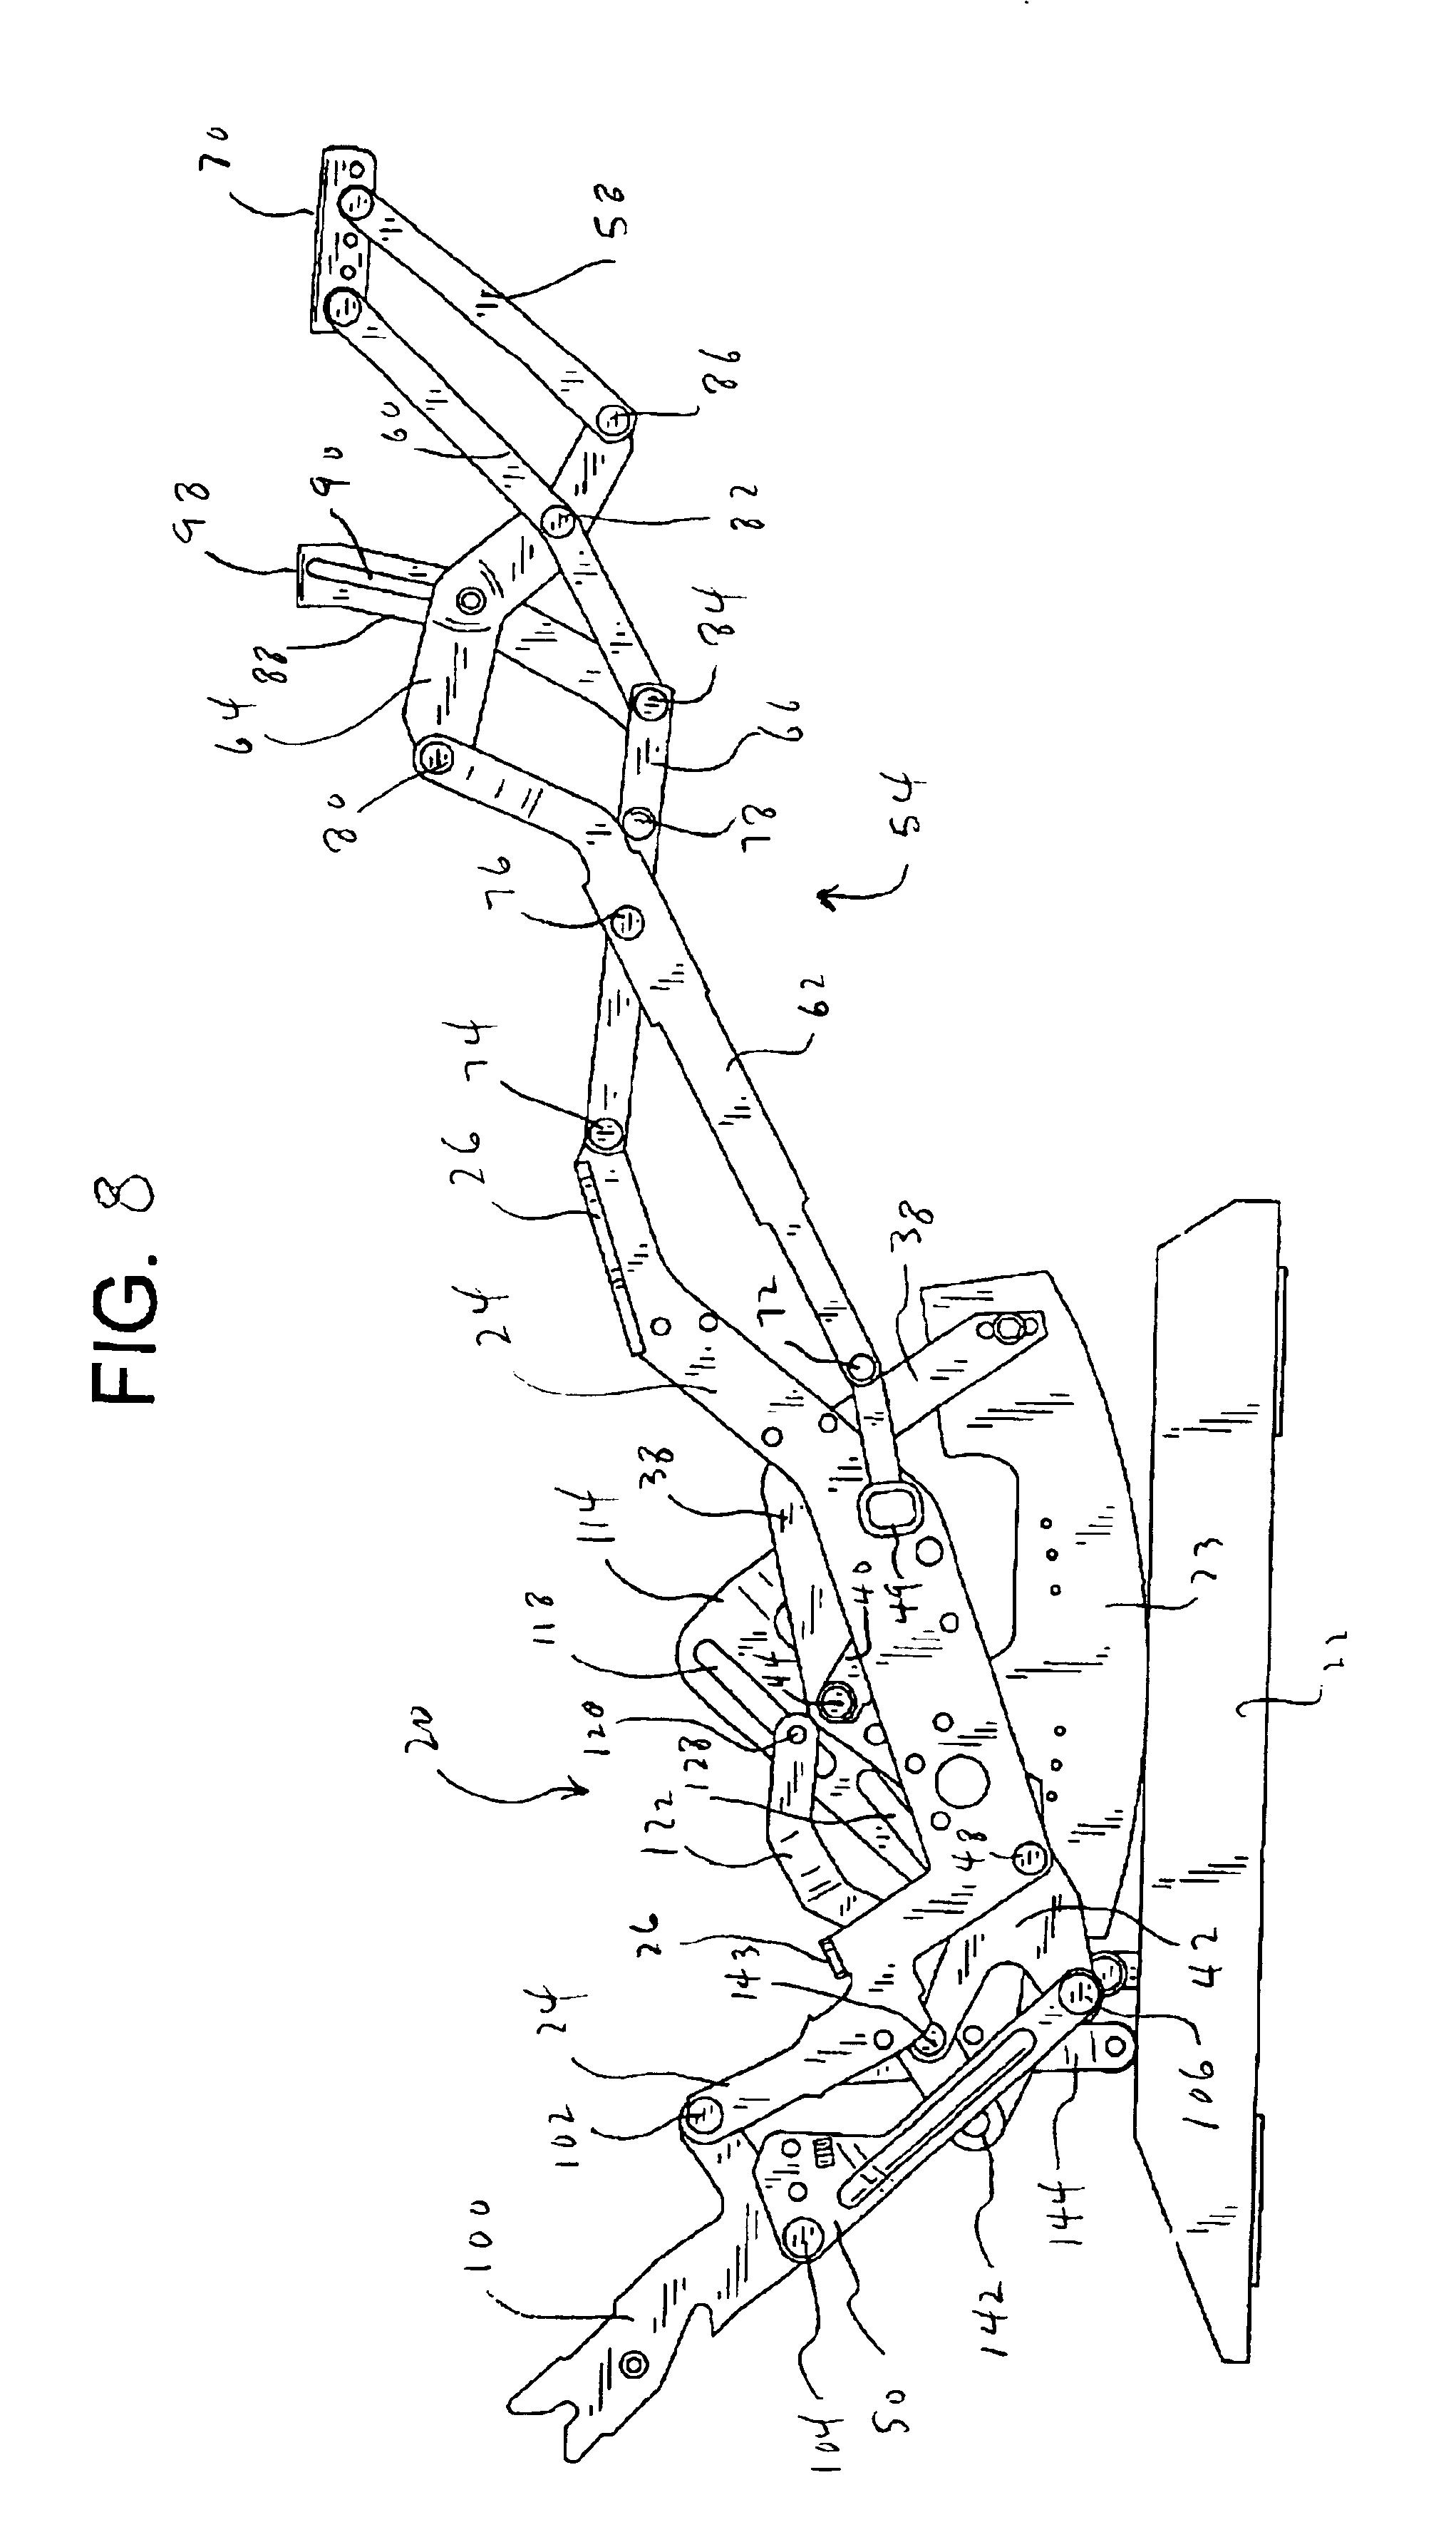 patent us6945599 - rocker recliner mechanism